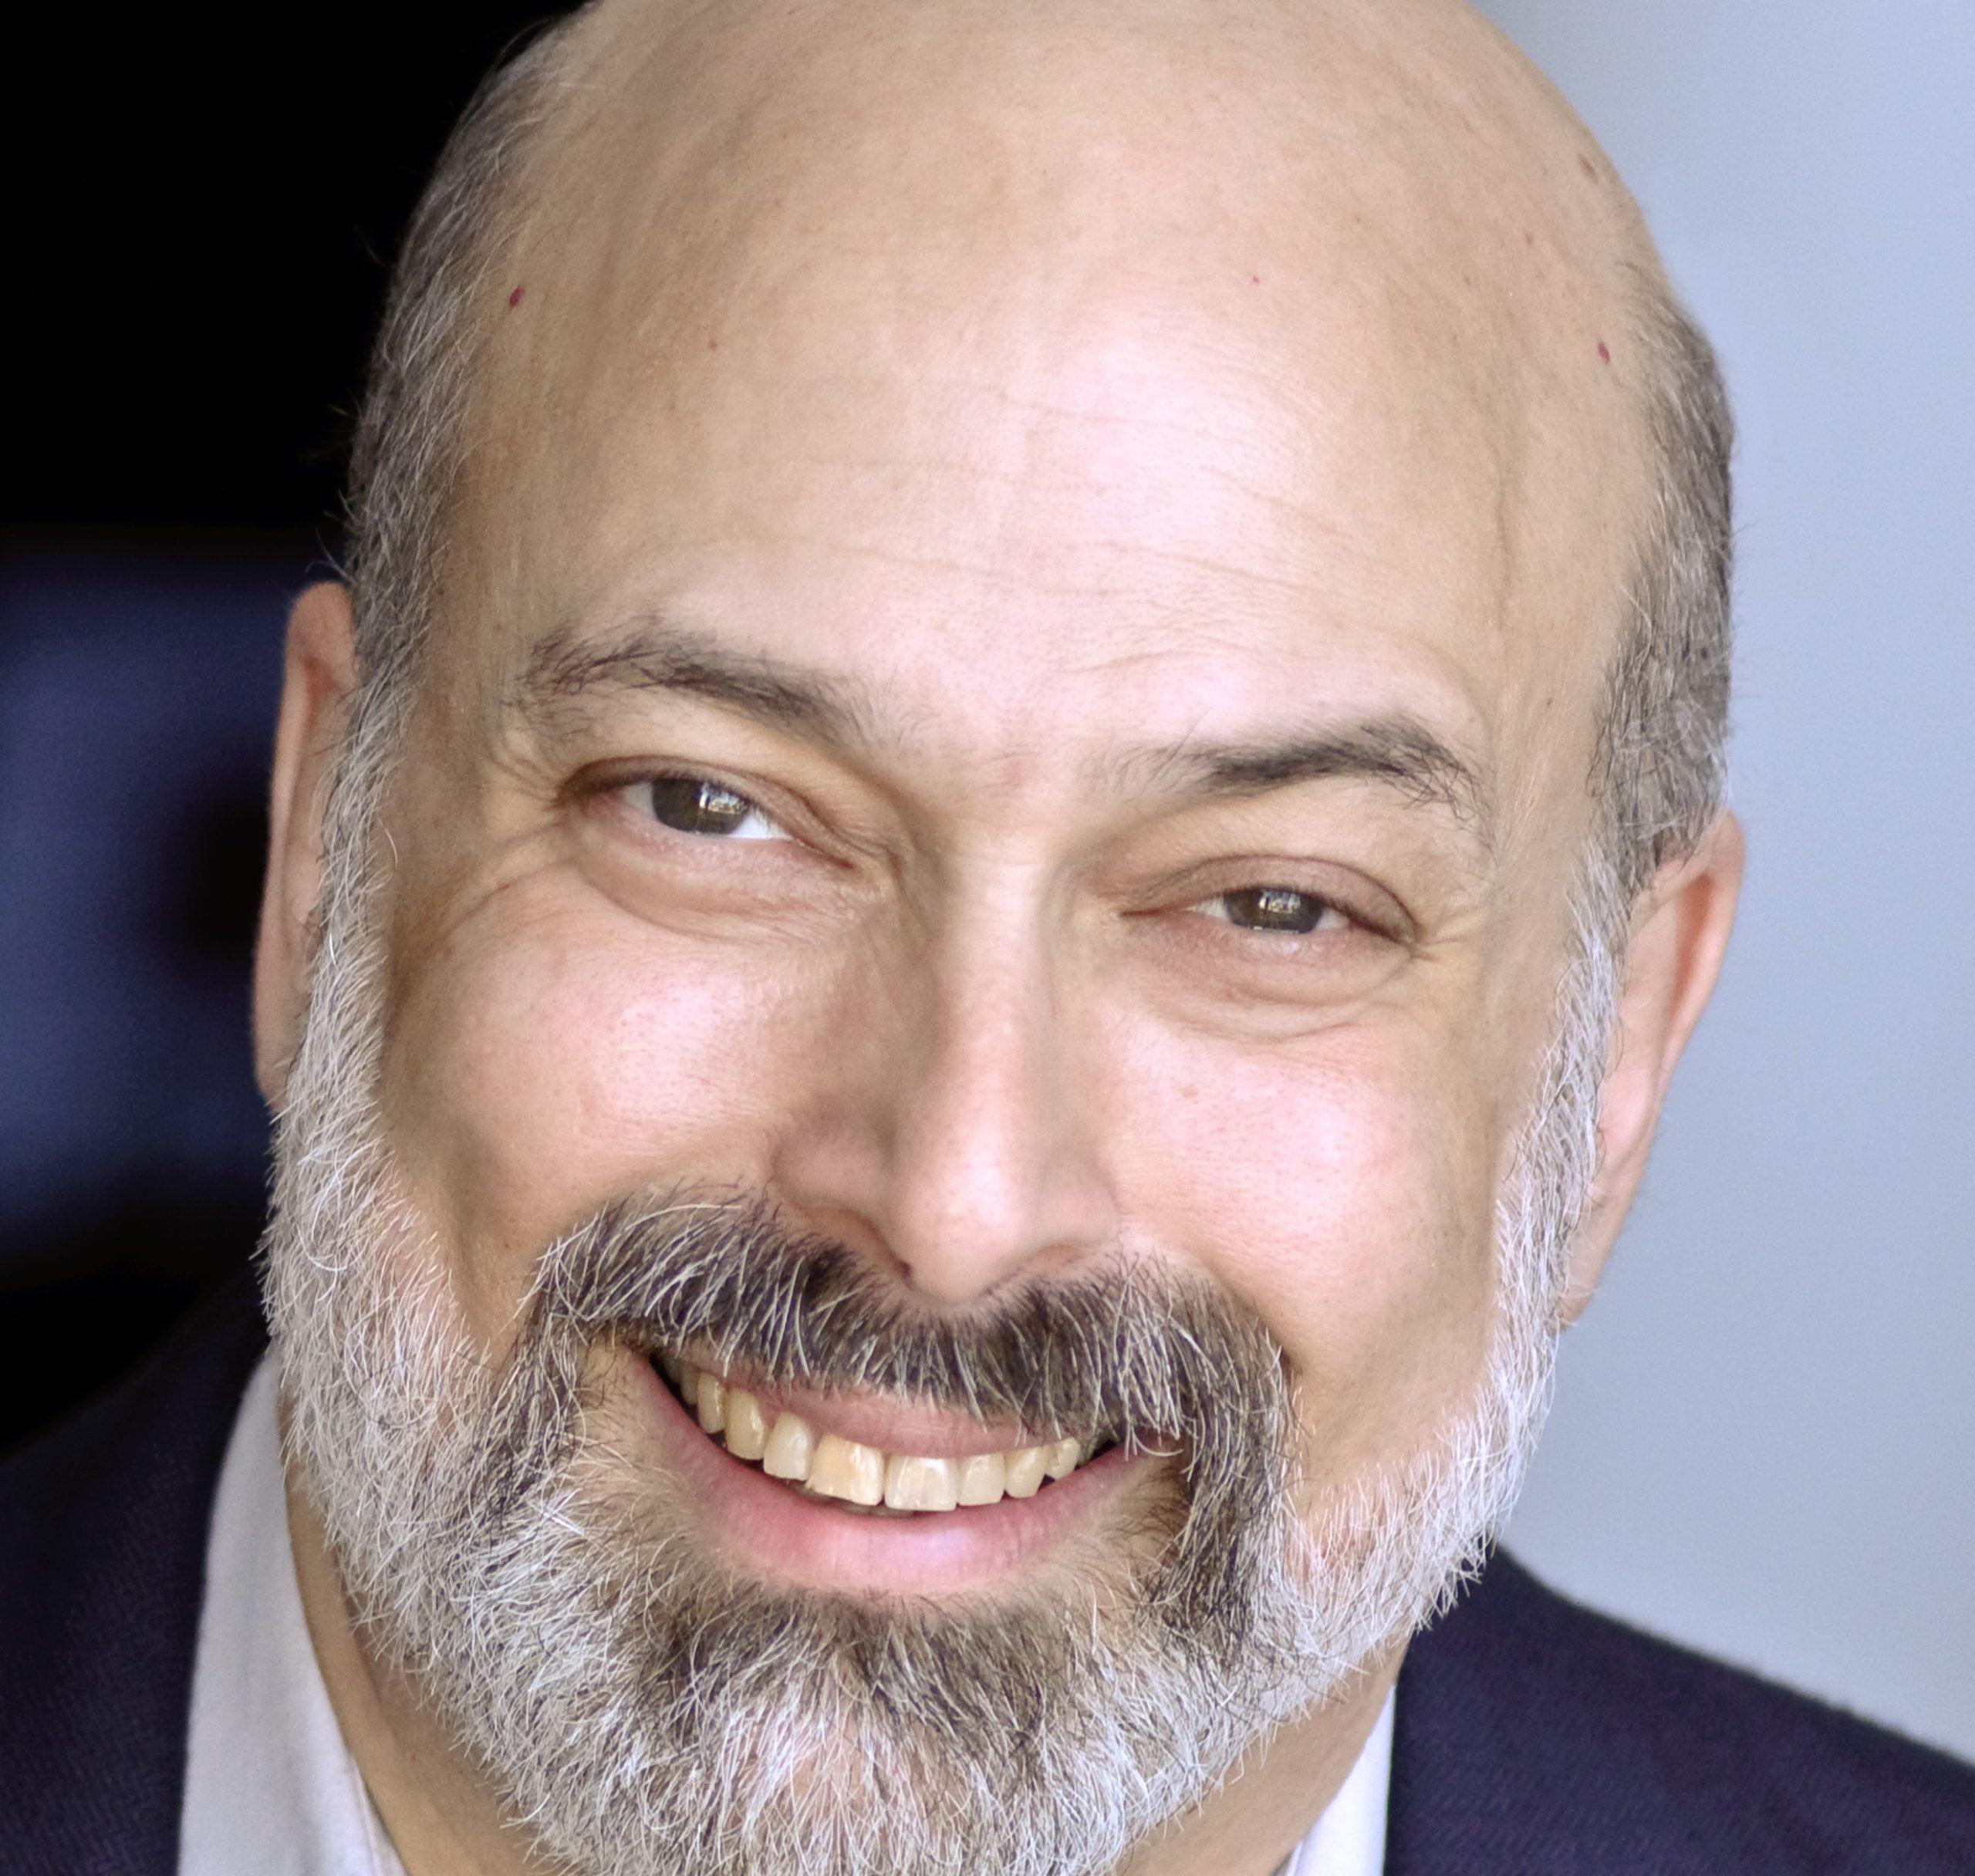 Dr. Joel Snyder